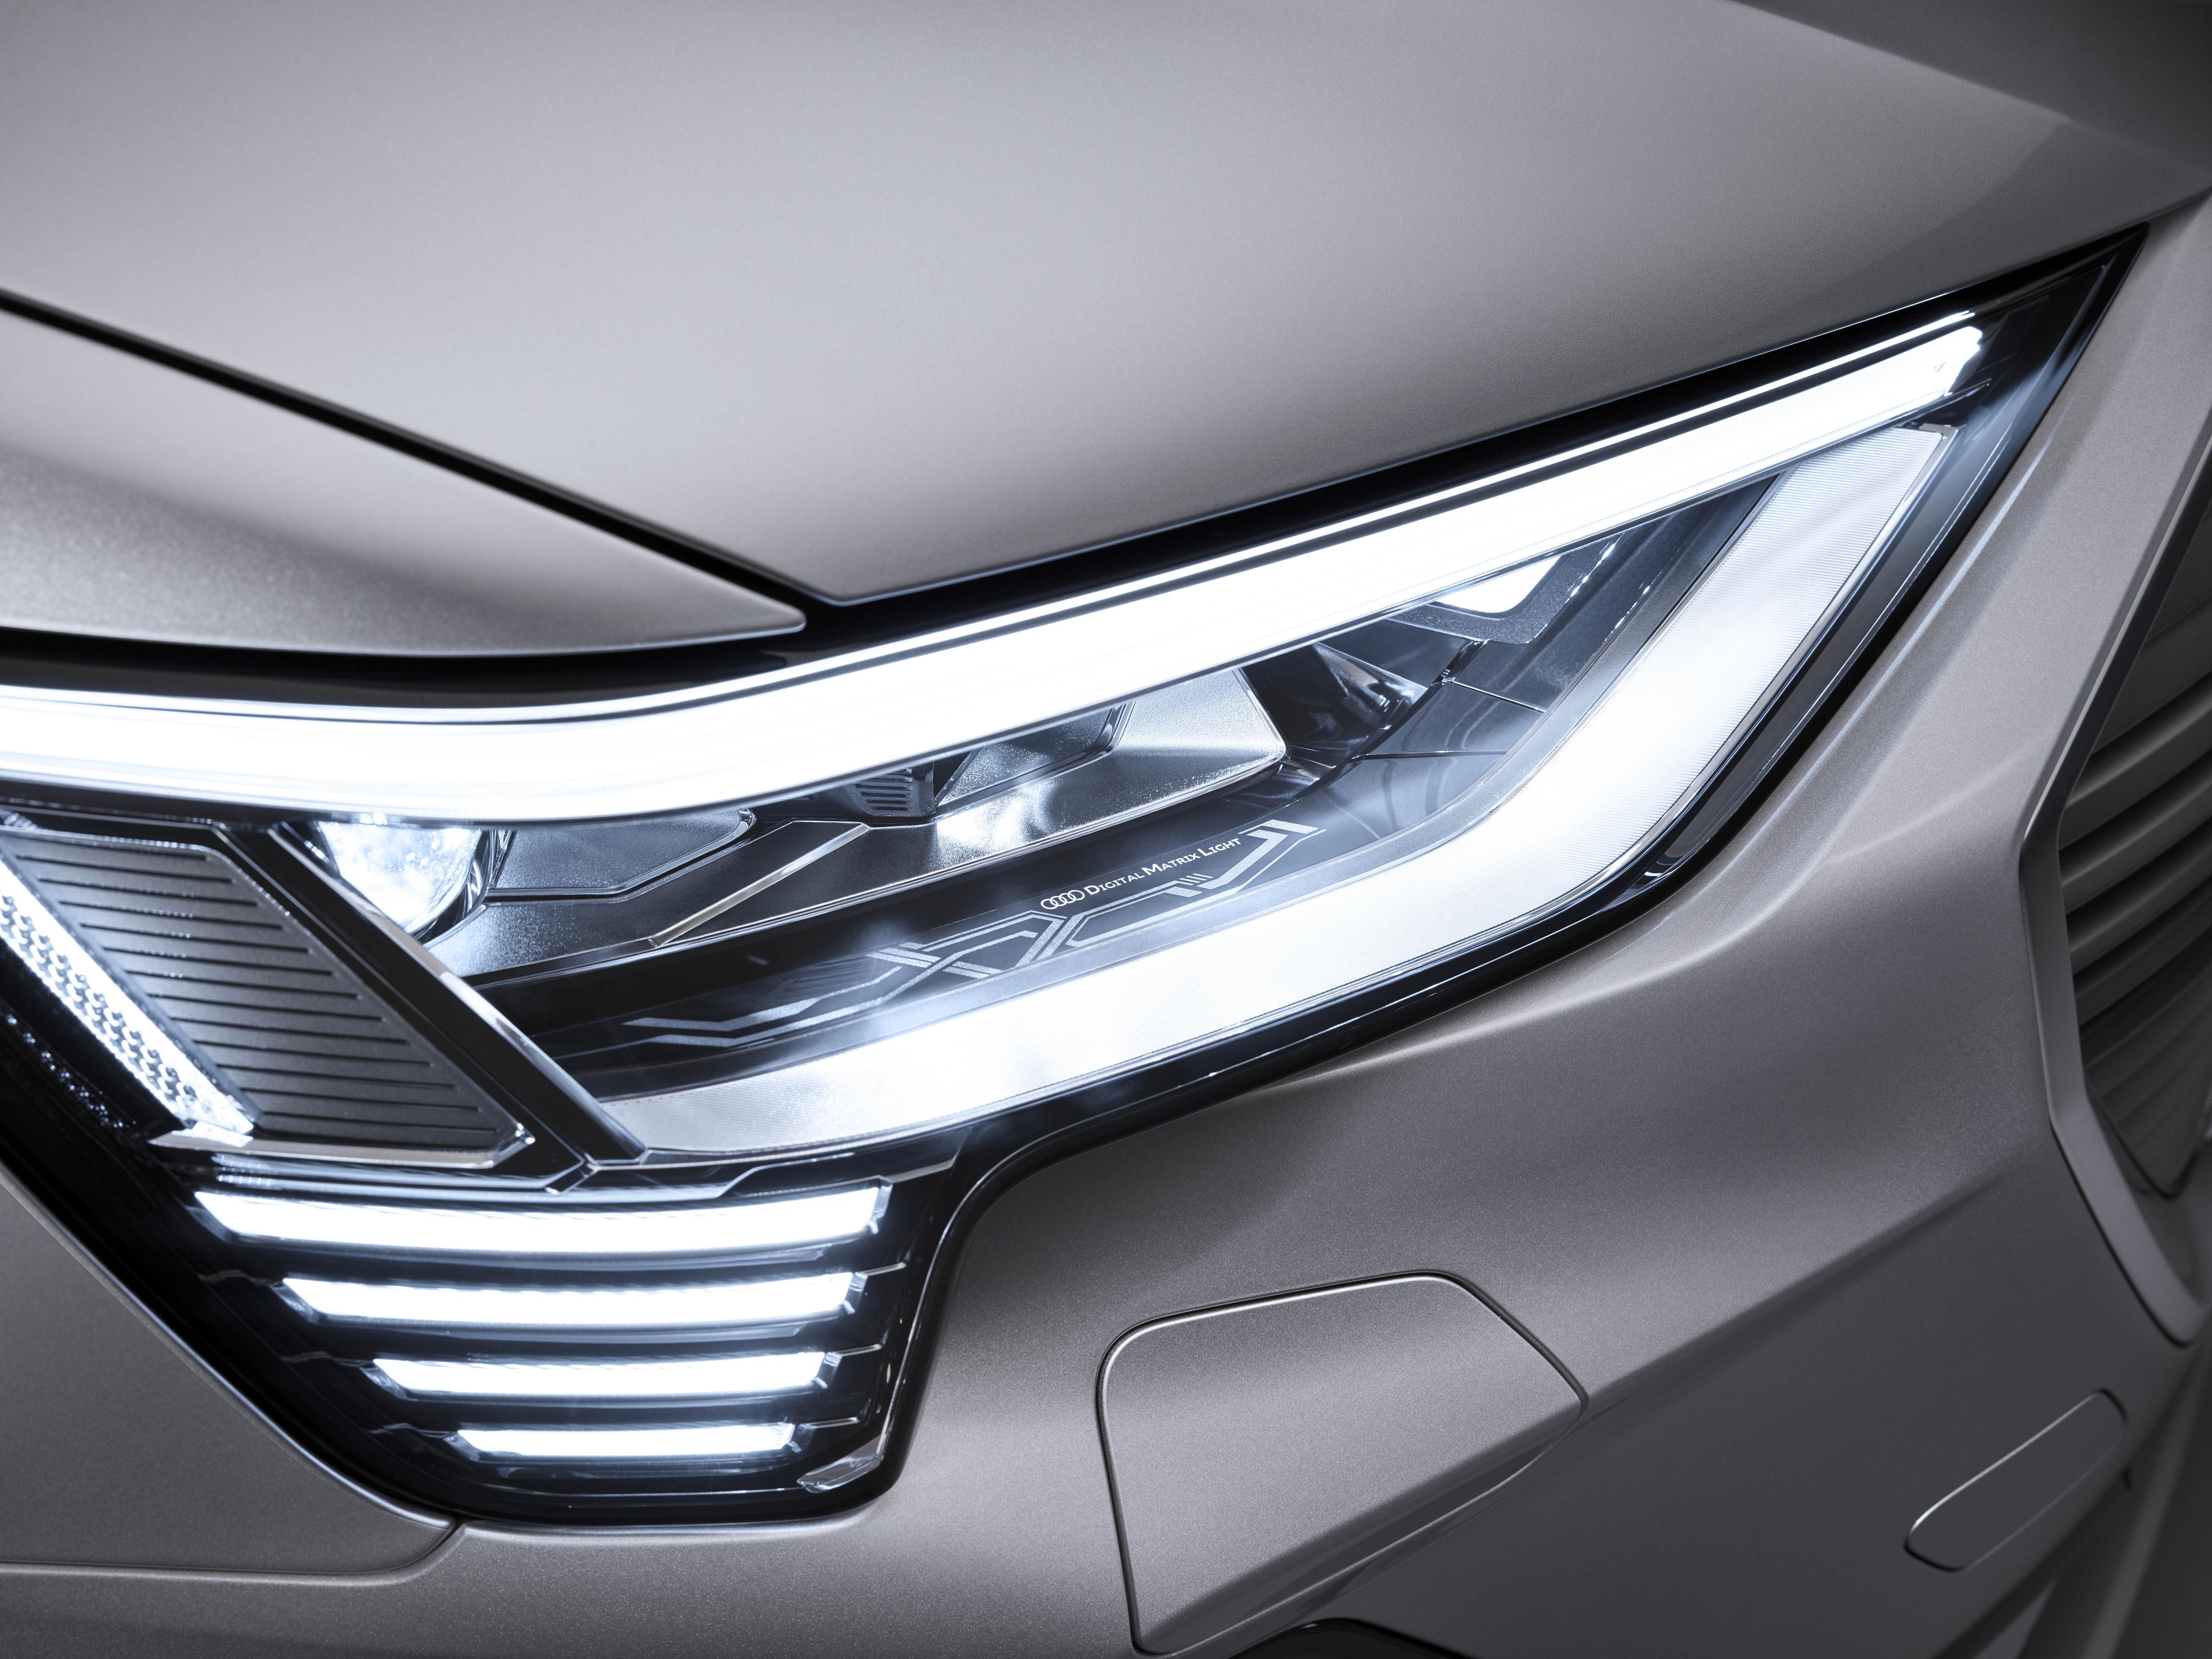 Les phares Matrix LED numériques de l'Audi e-tron Sportback. (AUDI)